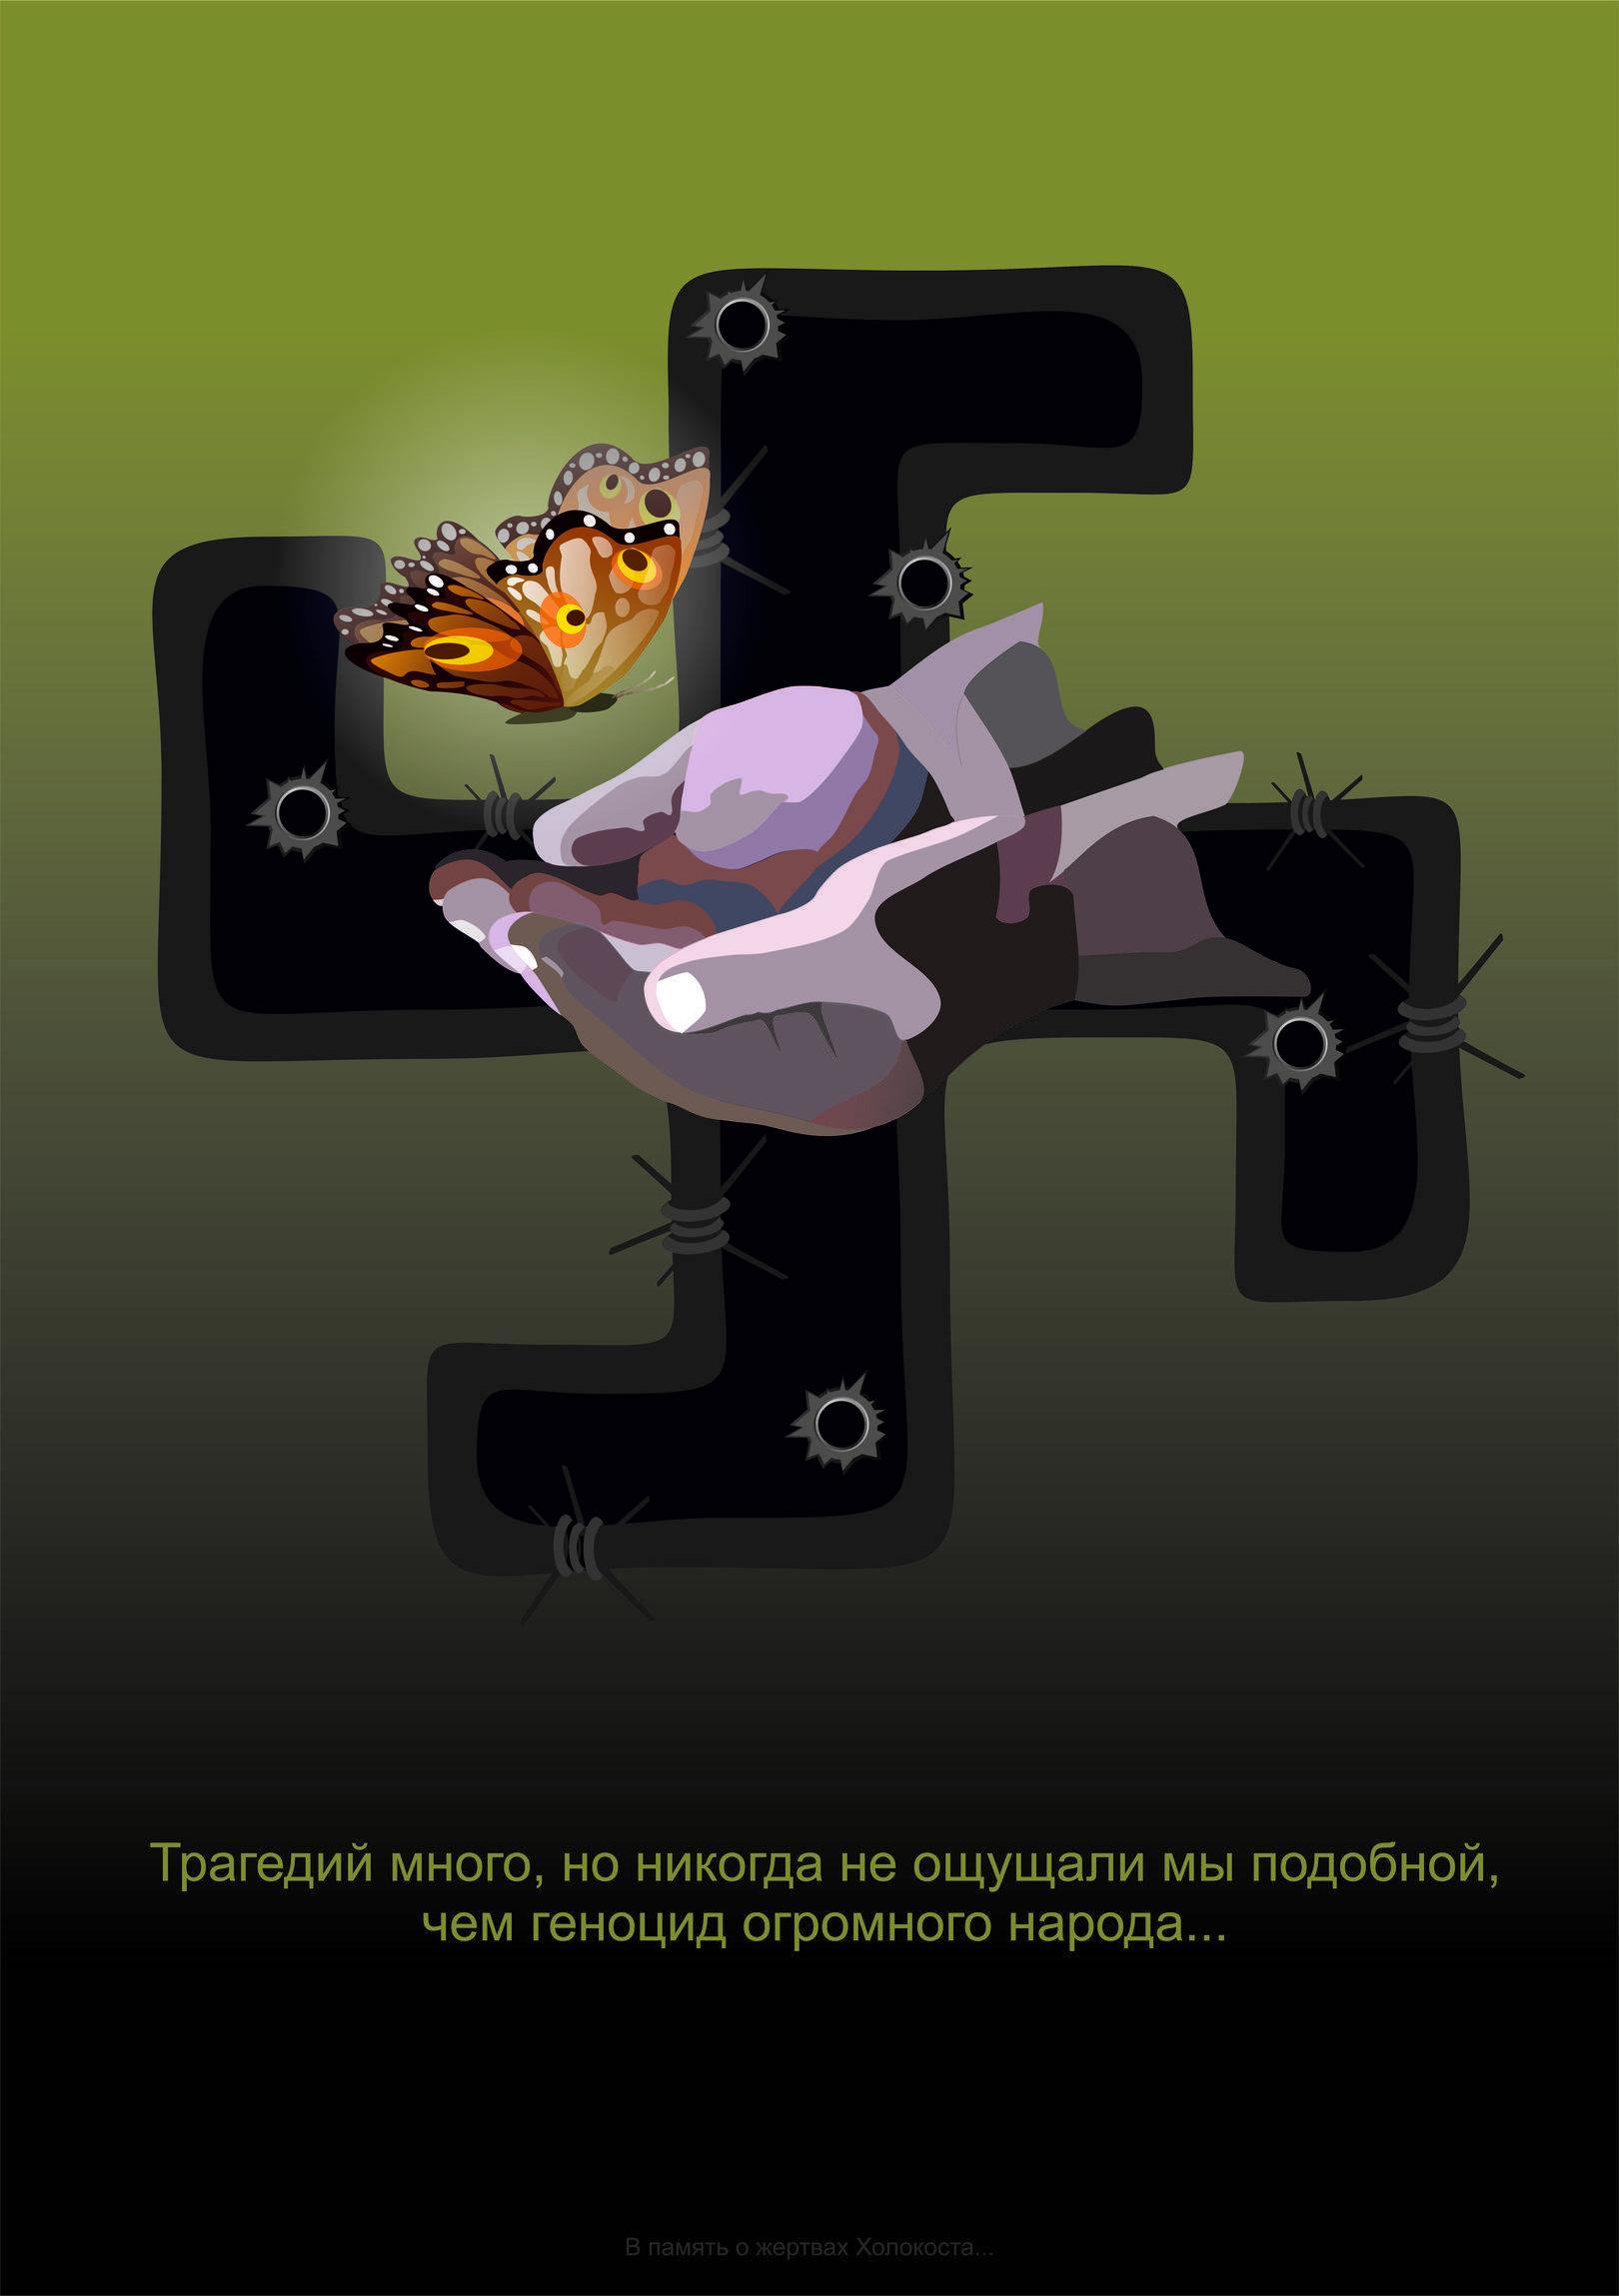 """Серия плакатов посвященная событиям """"Холокост"""""""